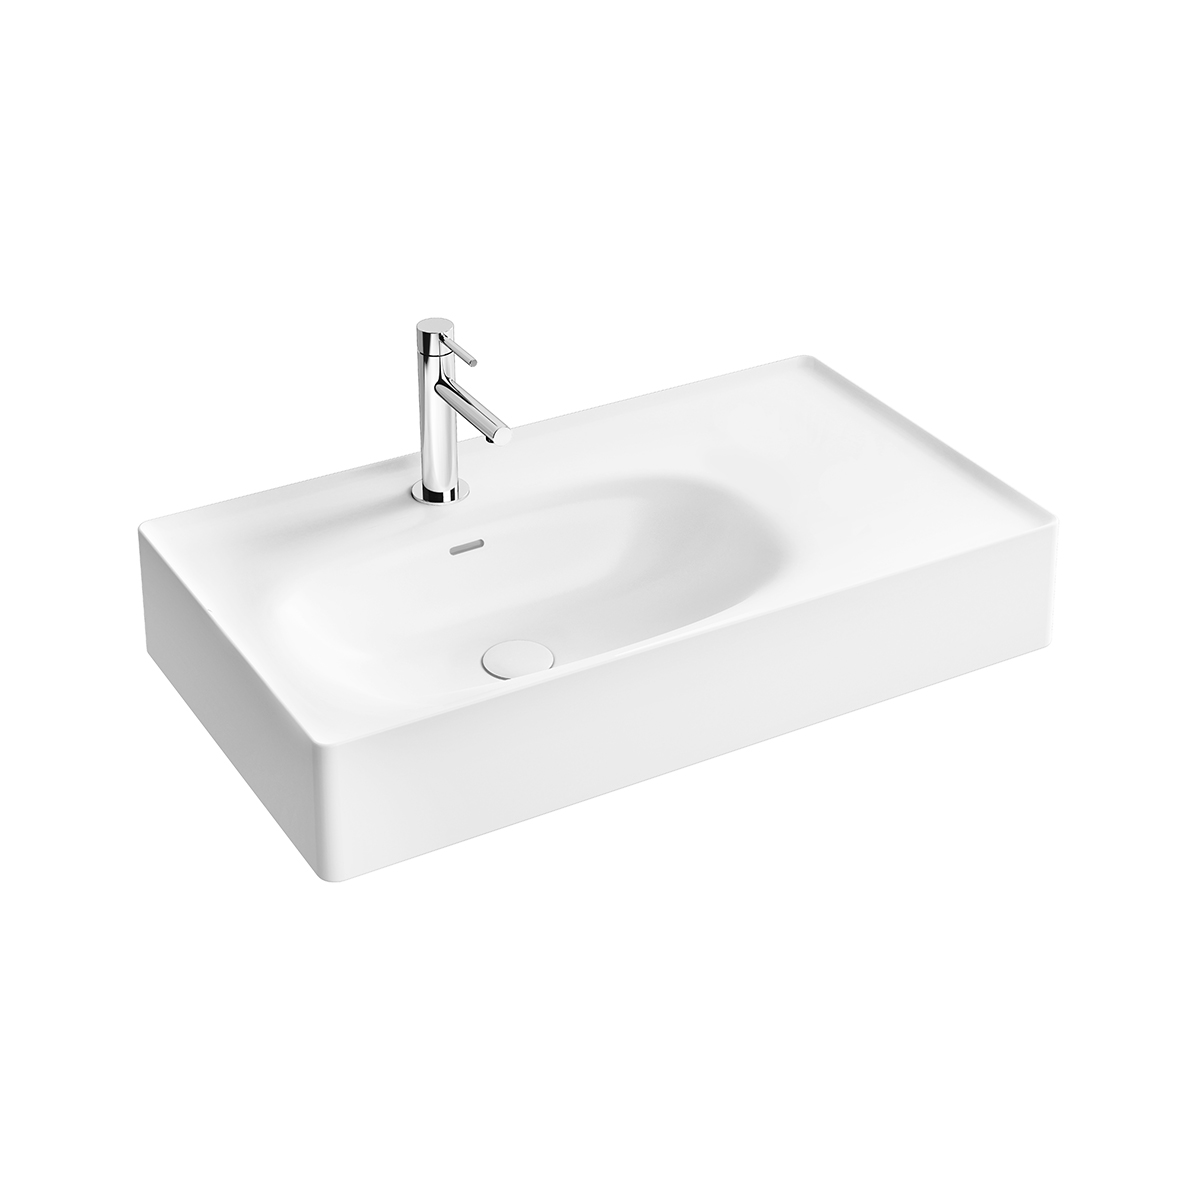 Equal Waschtisch, 80 cm, asymmetrisch, mit Hahnlochbank, mit Hahnloch, mit Überlaufschlitz, Weiß Hochglanz